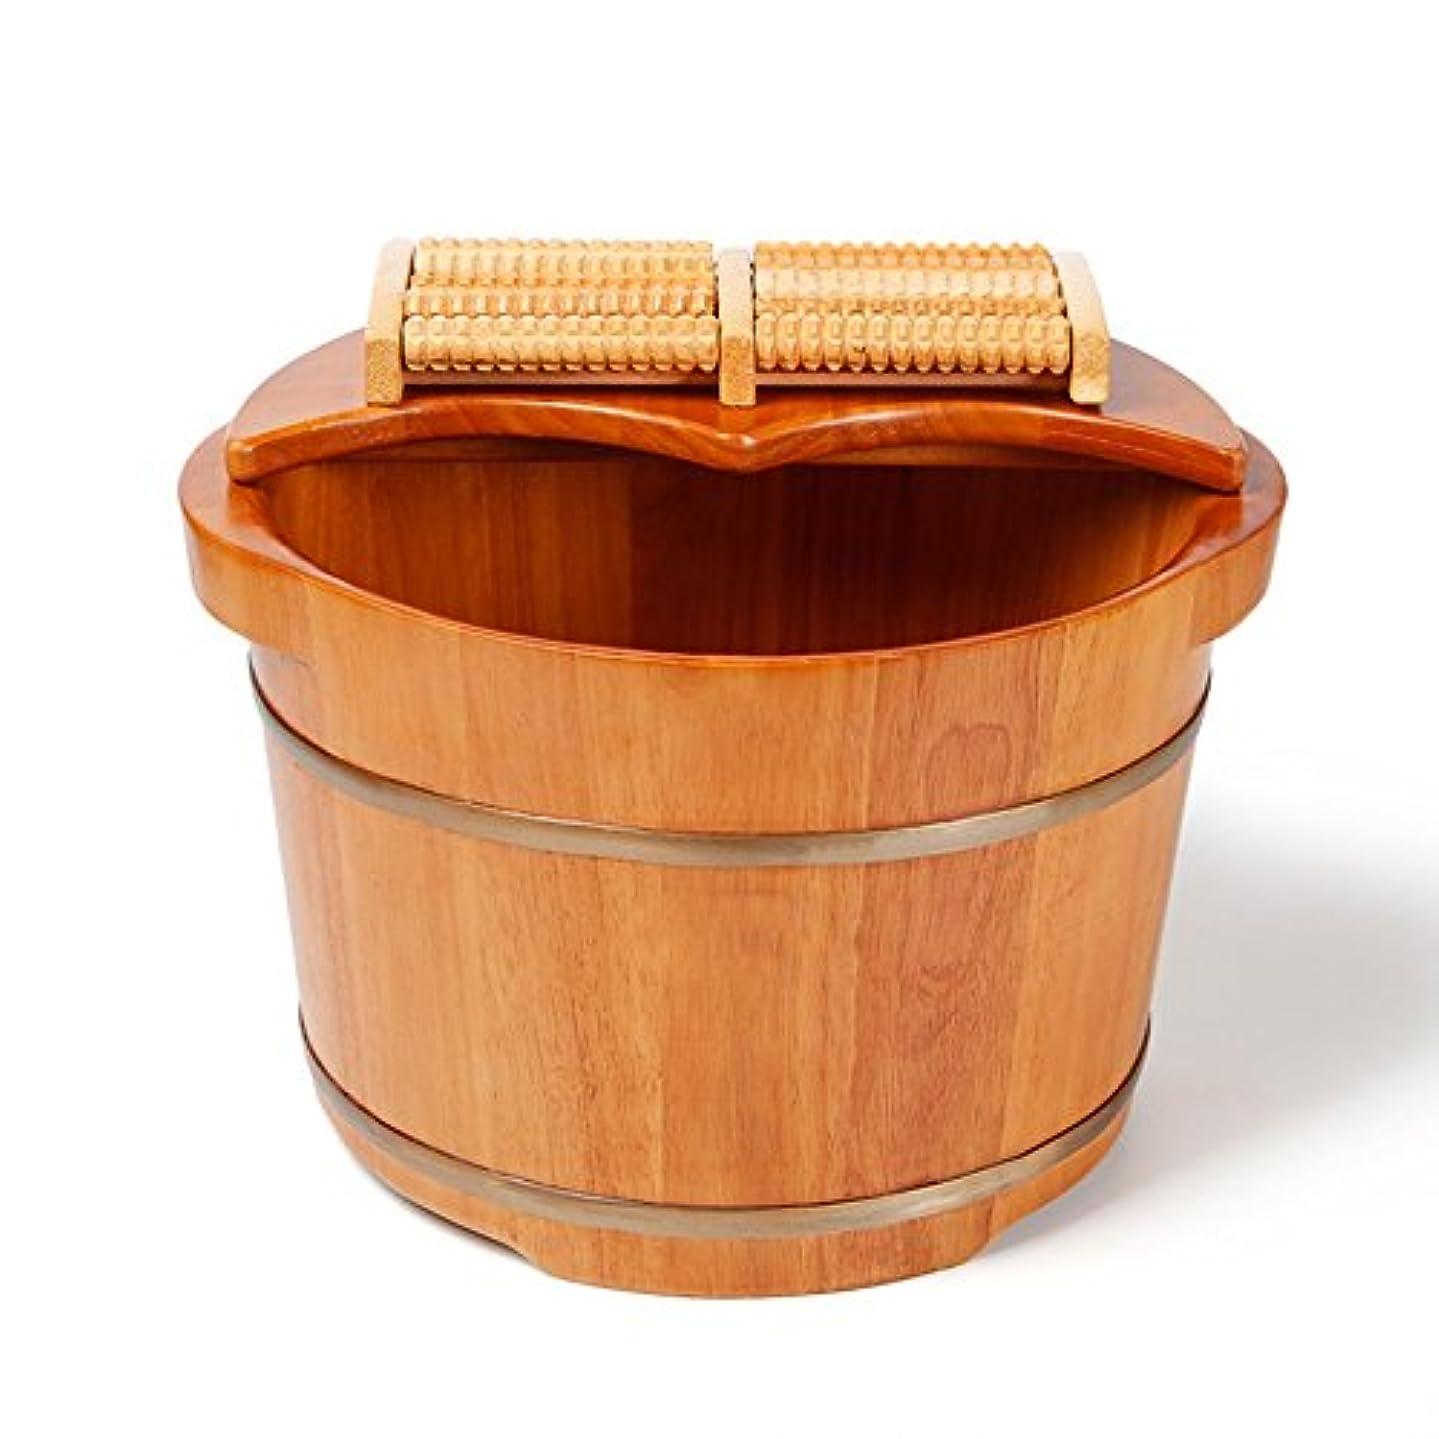 オプションシーズン枠C&L 足の浴槽、木製の足の洗面器足のバレルの足のマッサージの足の洗面器カバーの足の浴槽38 * 31 * 26cm ( サイズ さいず : 38*31*26cm )